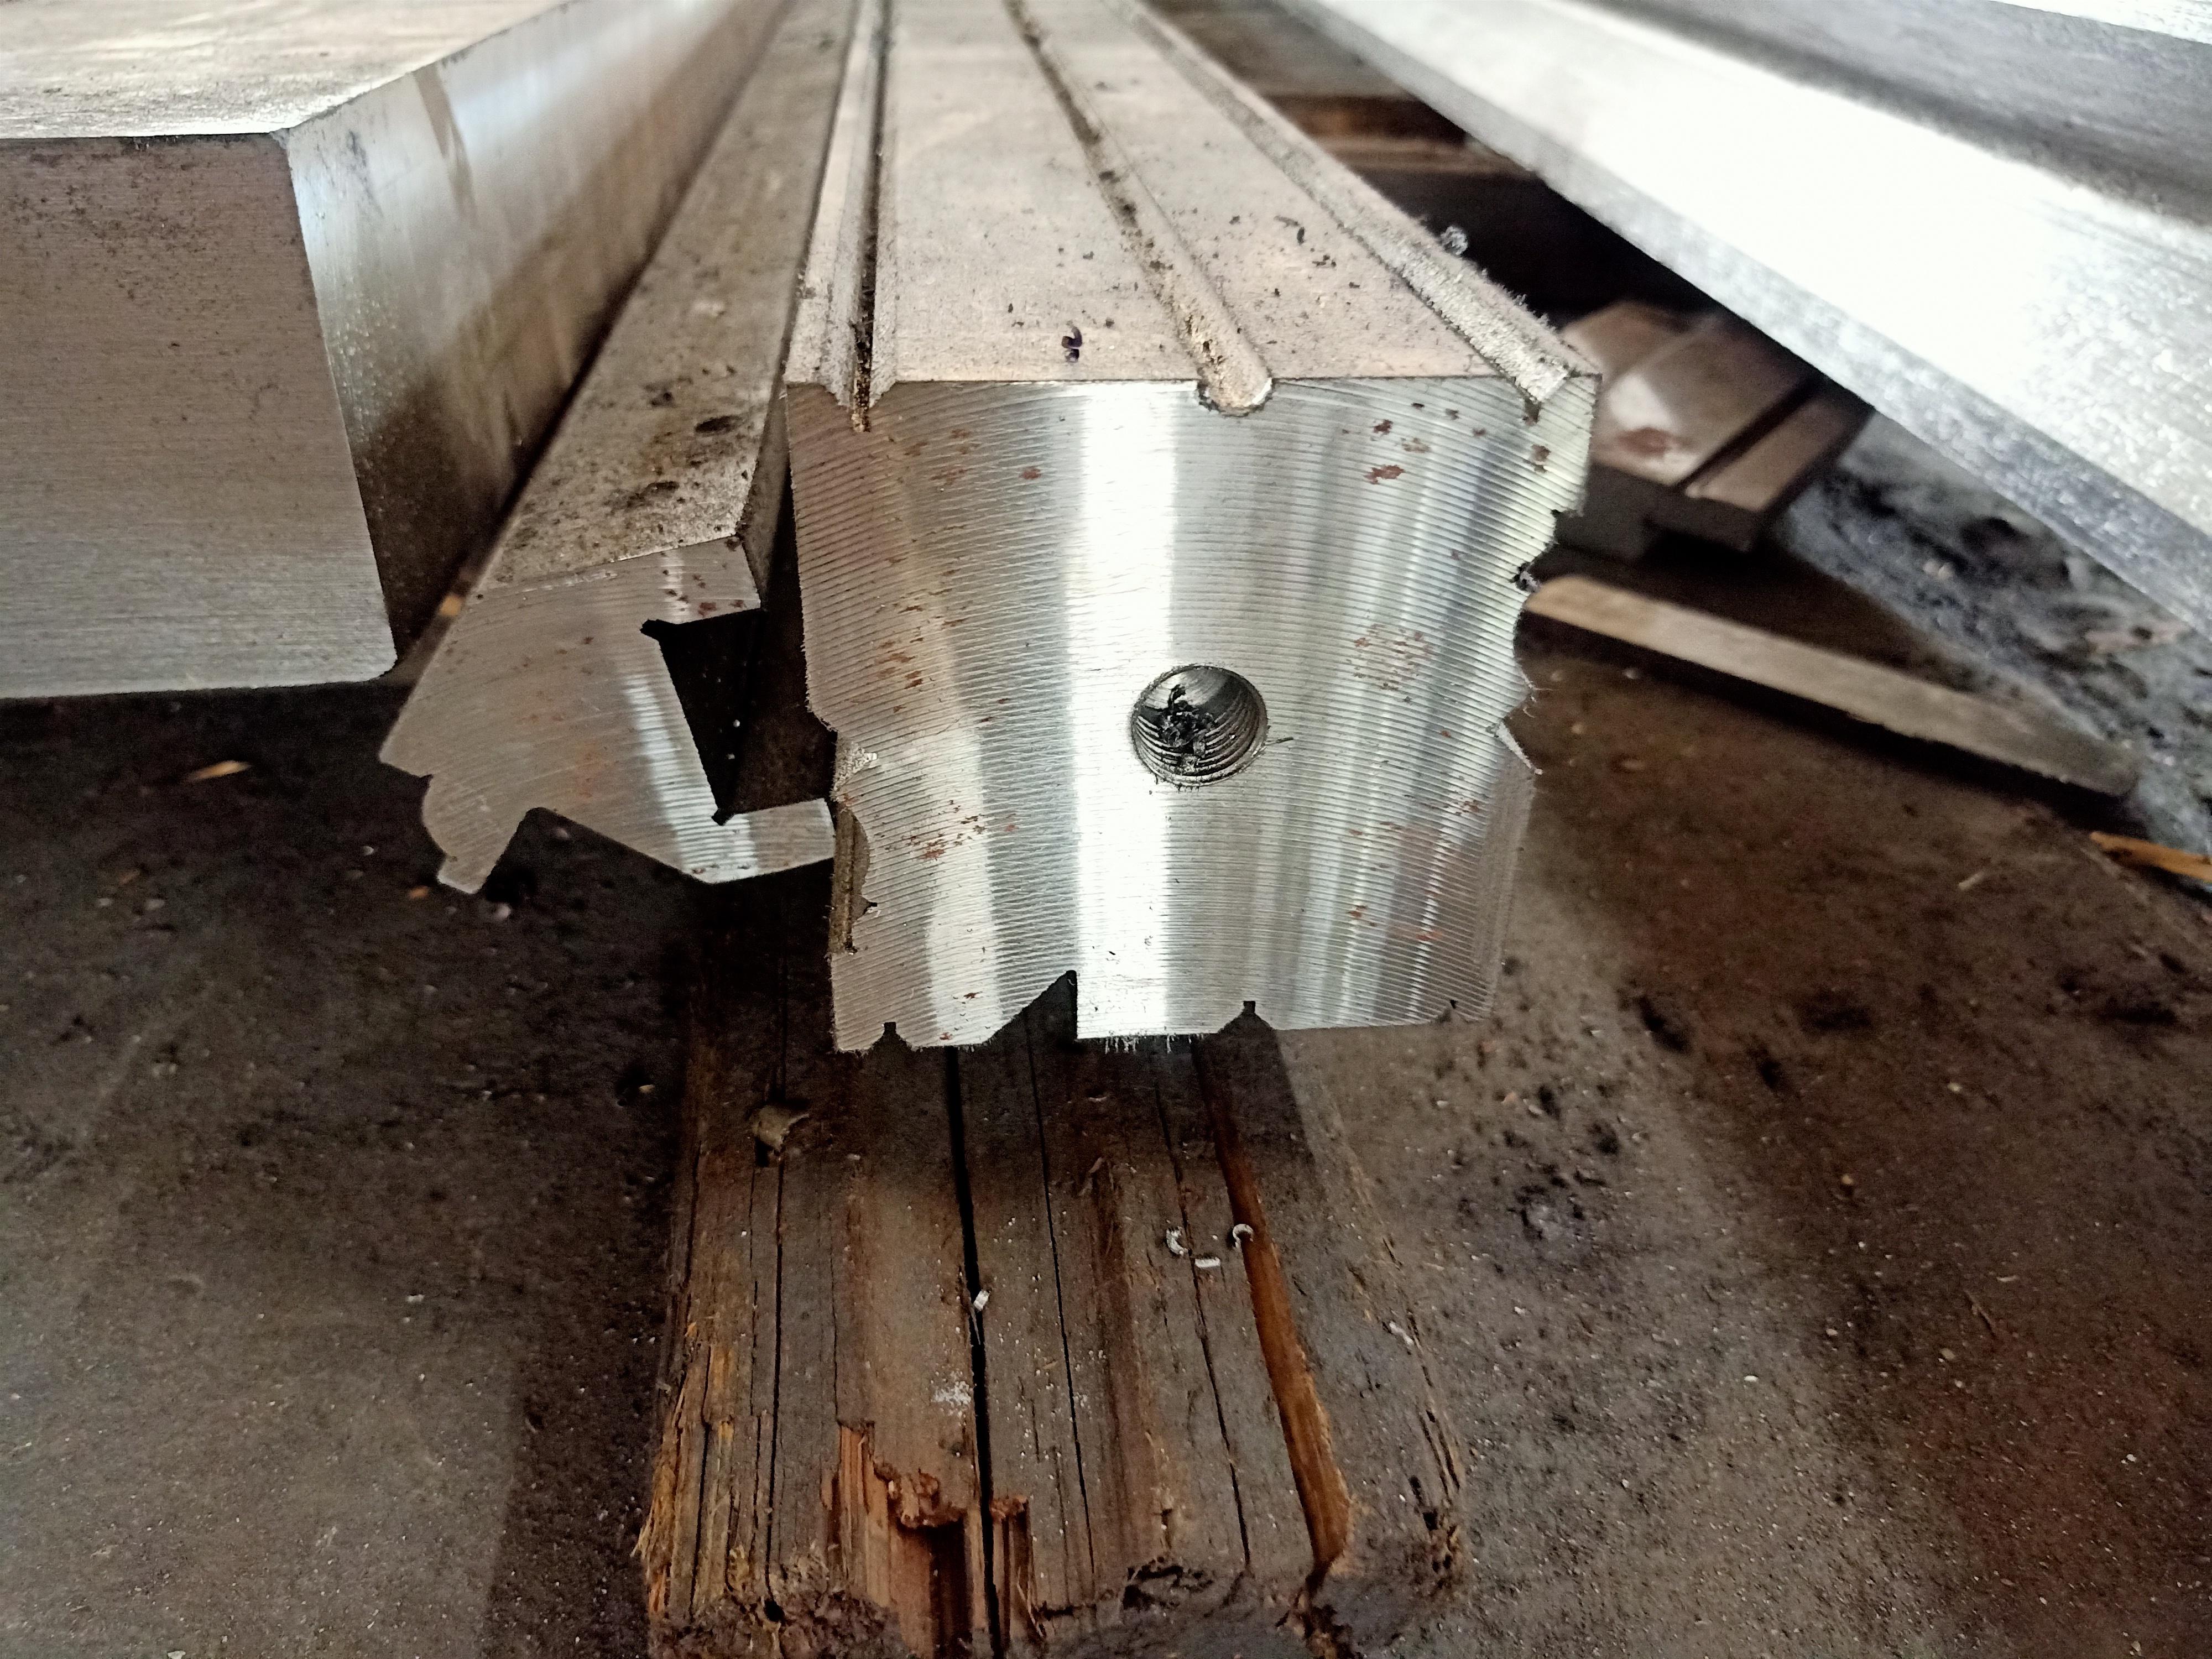 折弯机刀模具钣金加工折弯机模具,剪,折,刀模,门边折弯成型模,一次成型压花模具